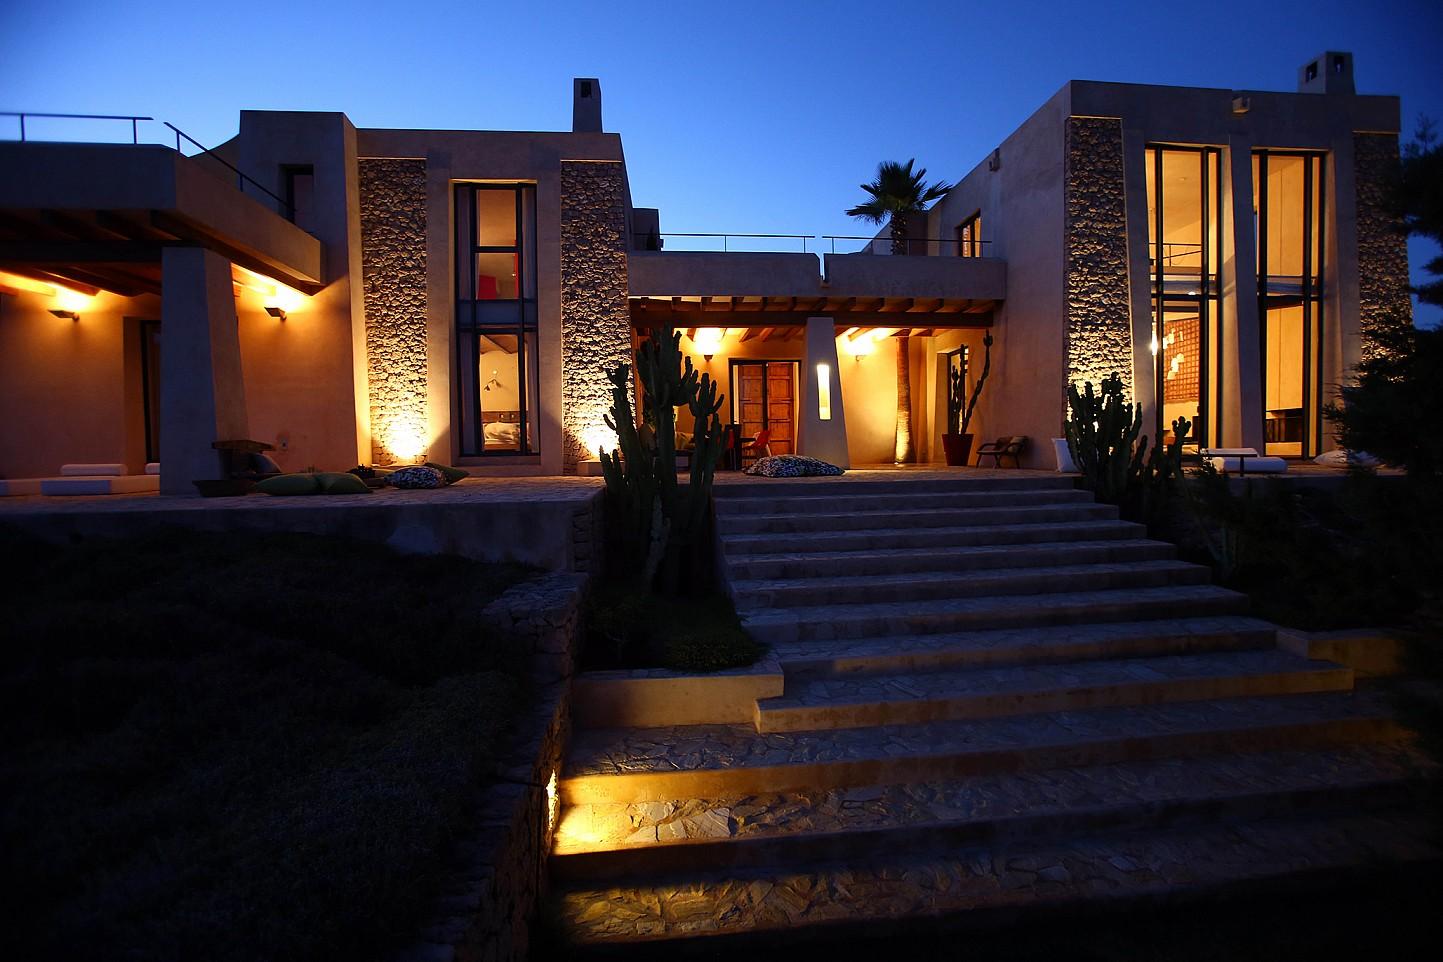 Iluminación de la casa